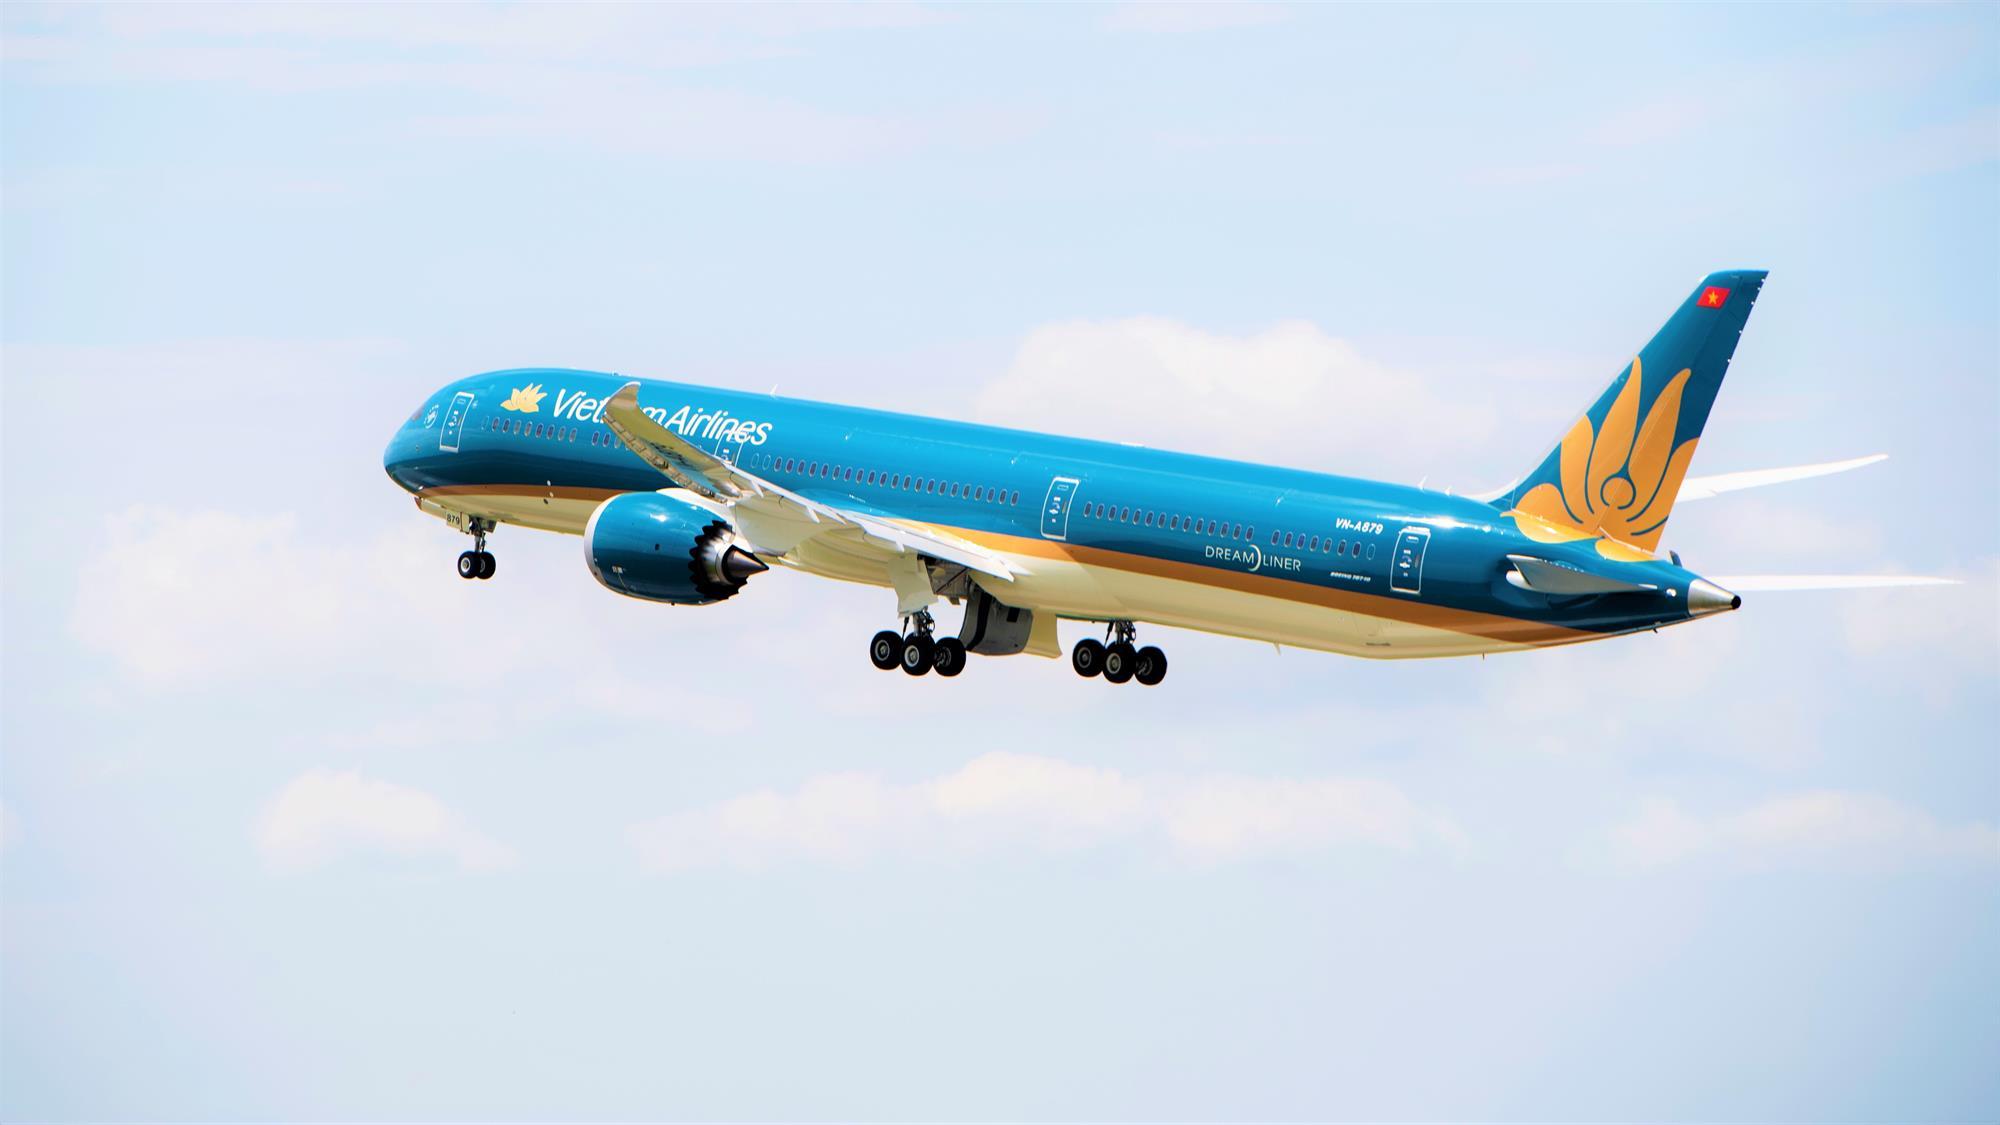 Hé lộ chuyến bay sắp đưa phi công người Anh nhiễm Covid-19 về nước